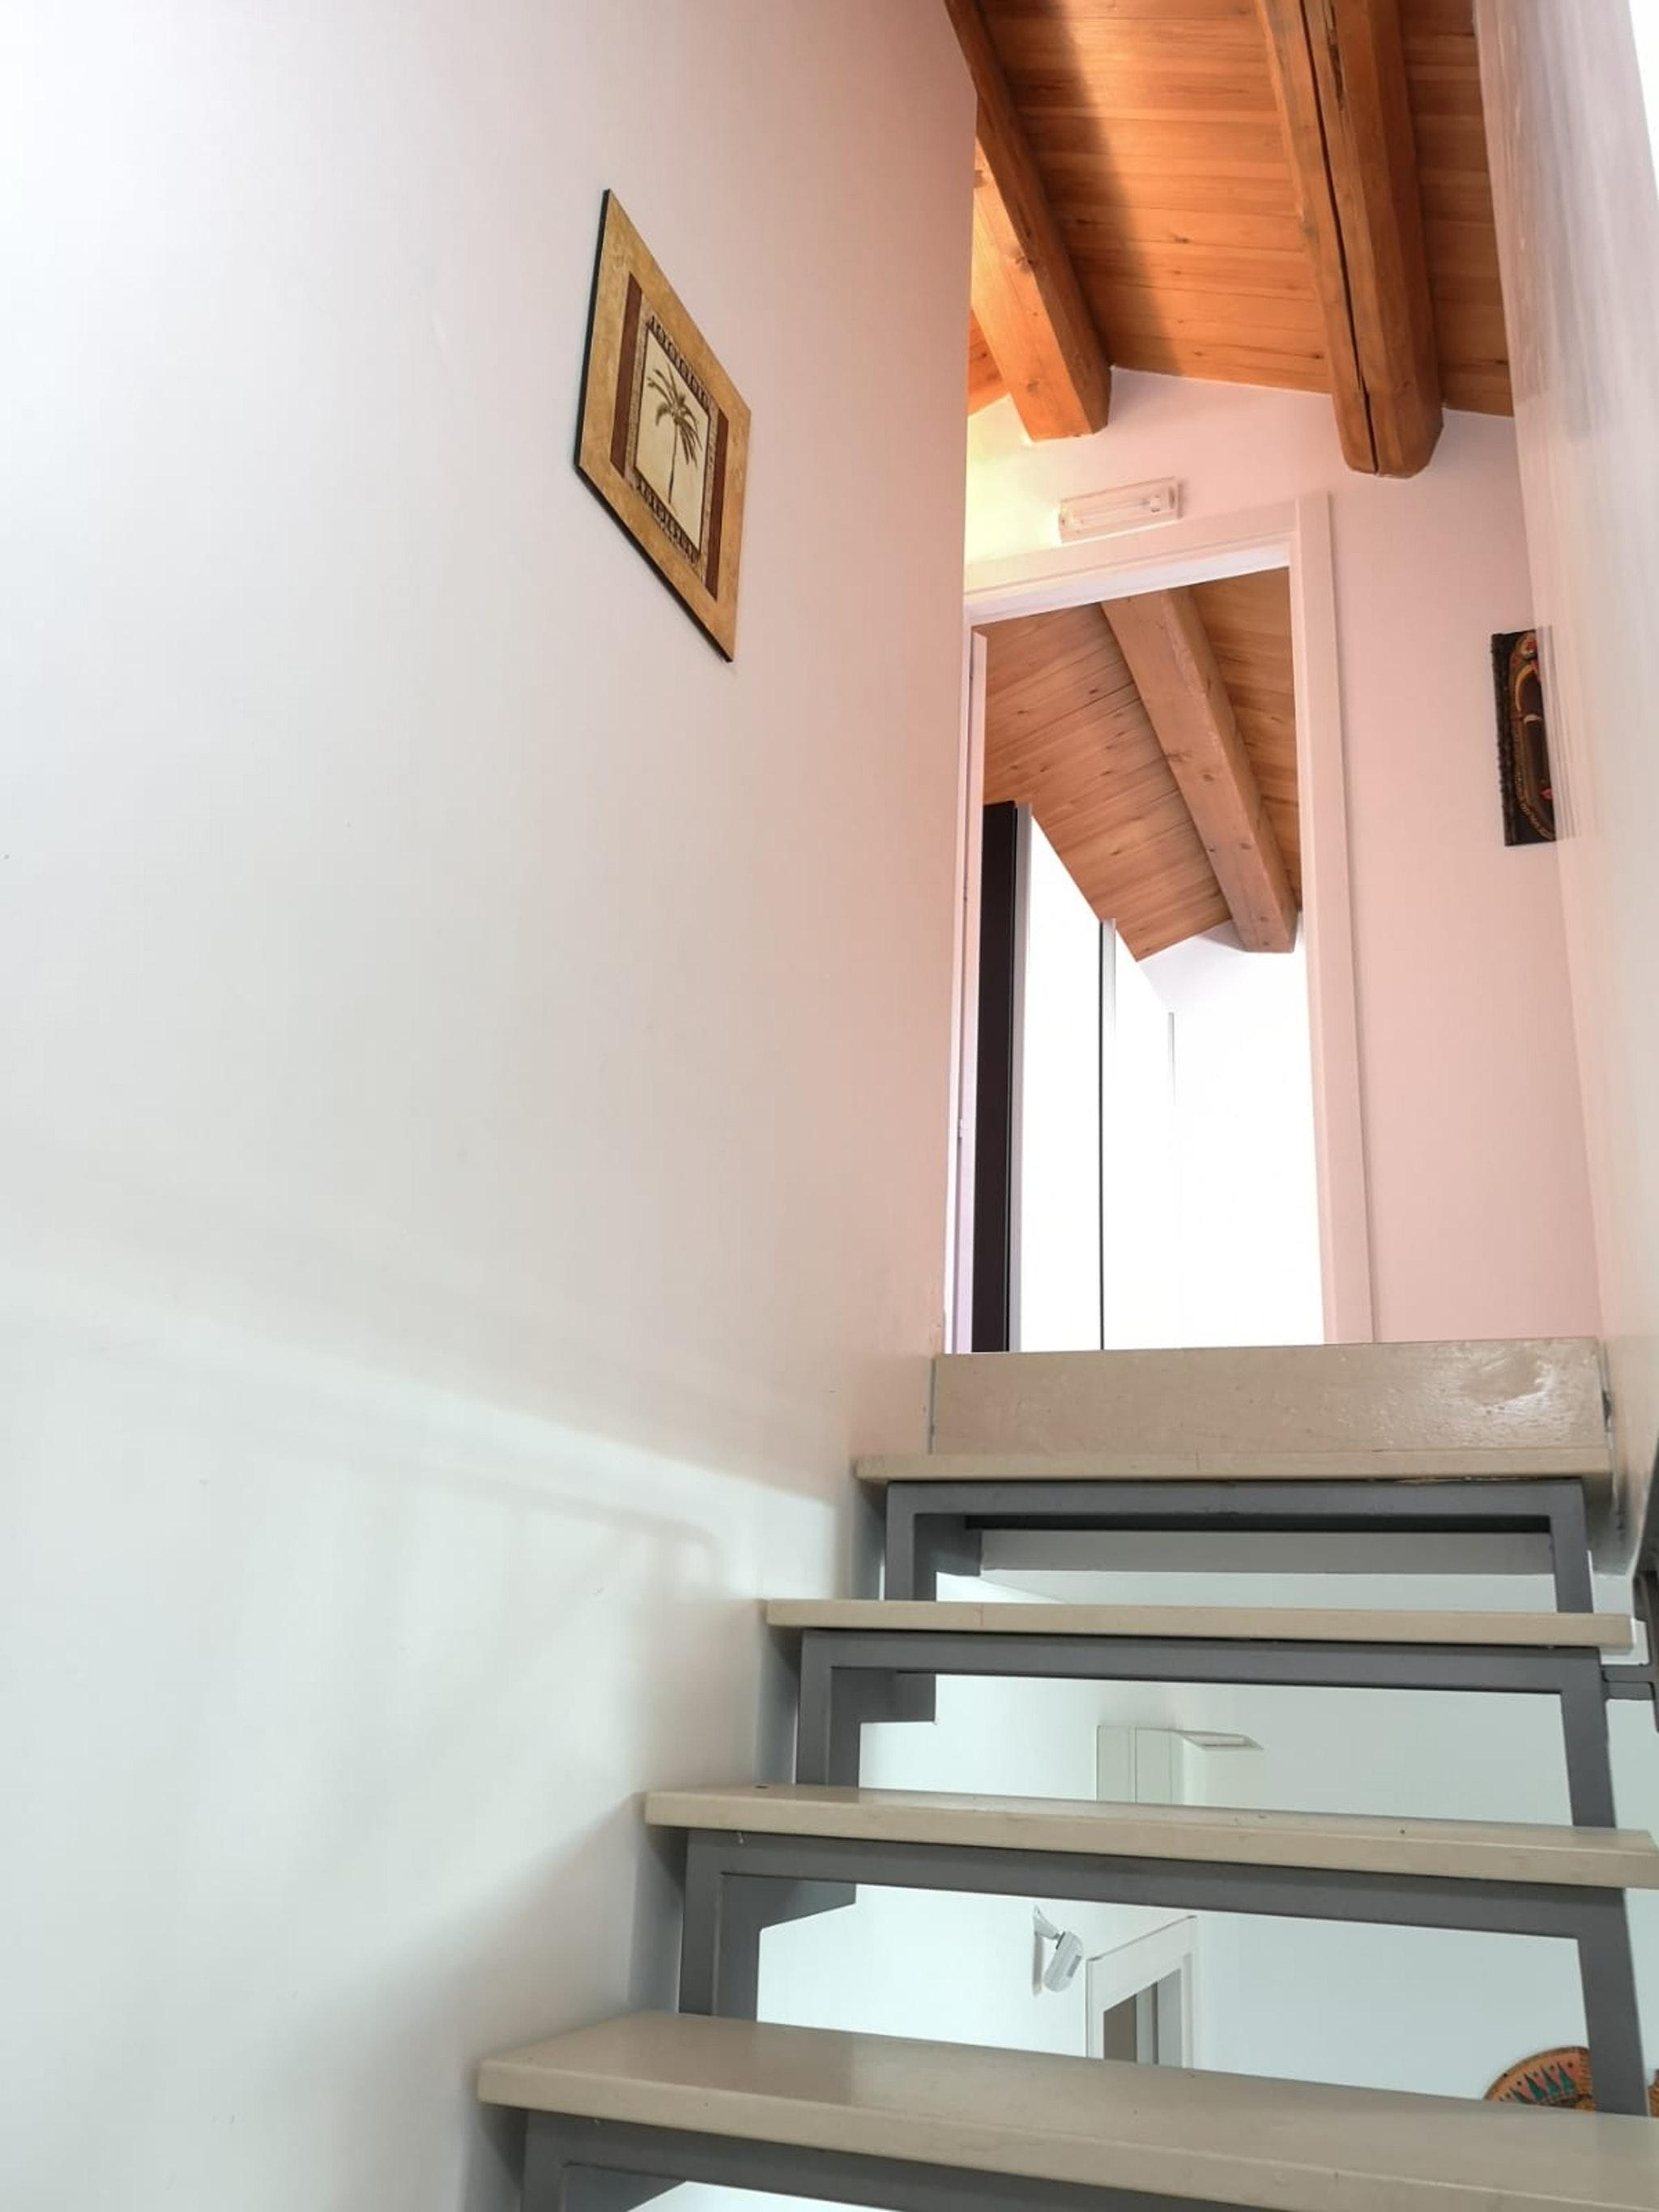 Maison de vacances Villa mit 4 Schlafzimmern in Scicli mit privatem Pool, eingezäuntem Garten und W-LAN - 300 (2617979), Scicli, Ragusa, Sicile, Italie, image 20